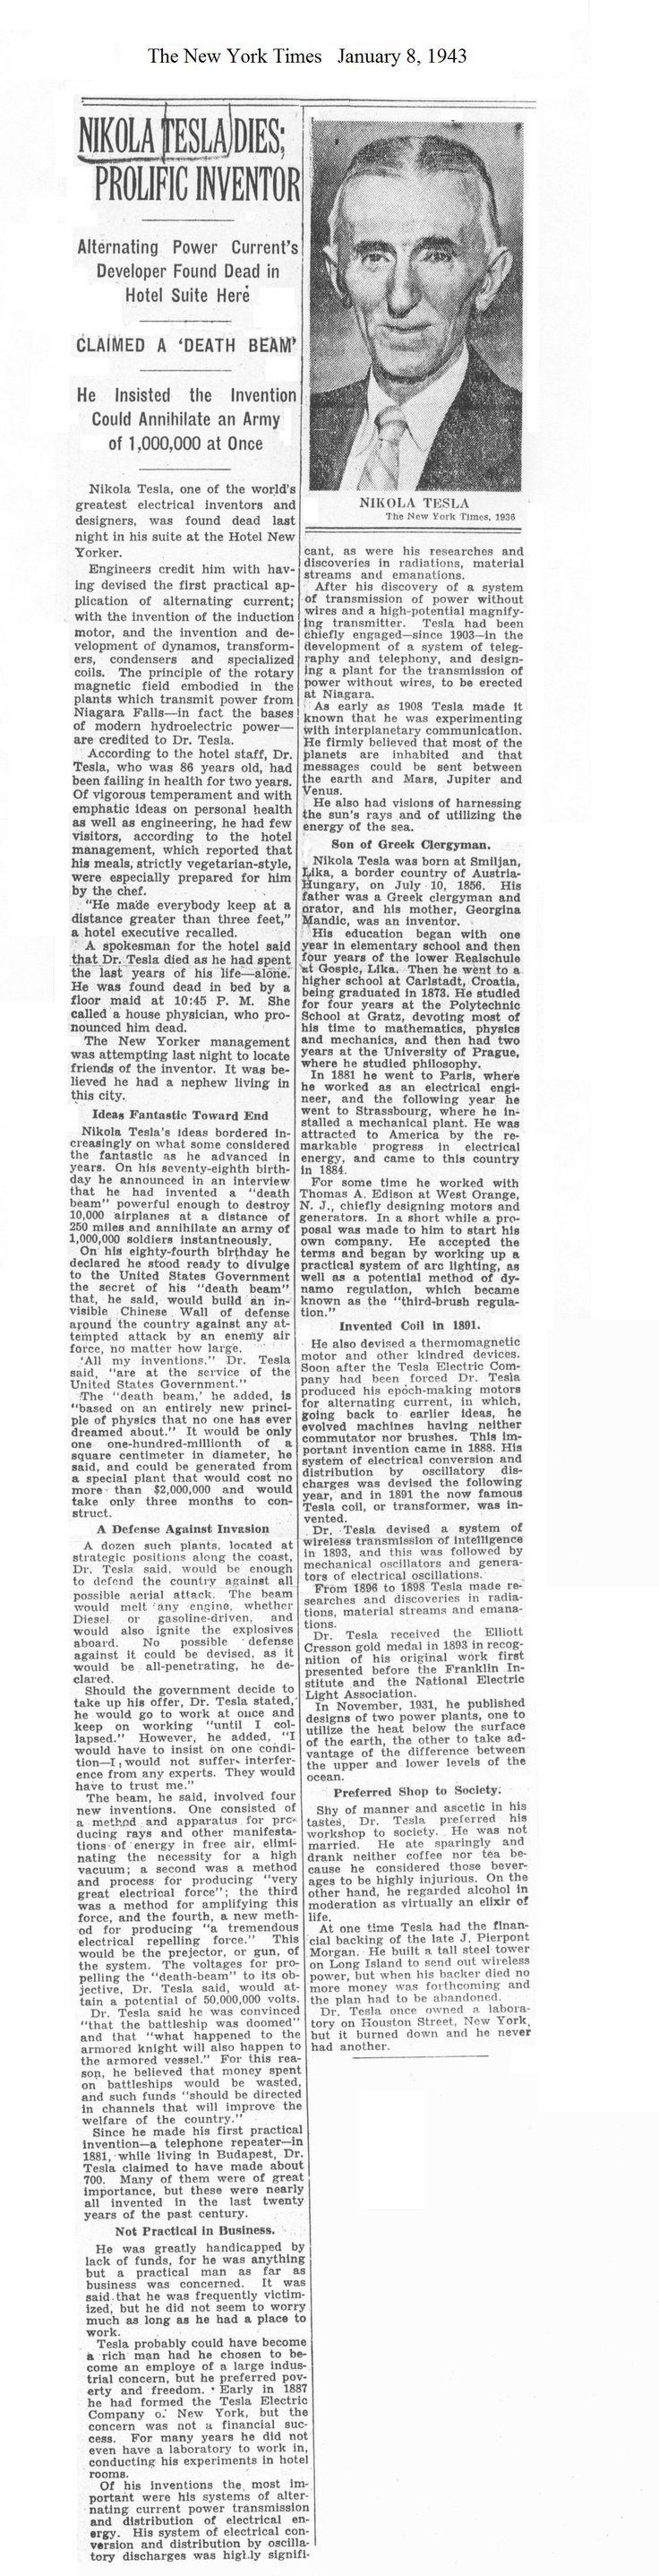 Bonus Volume-New York Sun Tesla Clipping File 1930-1945_64